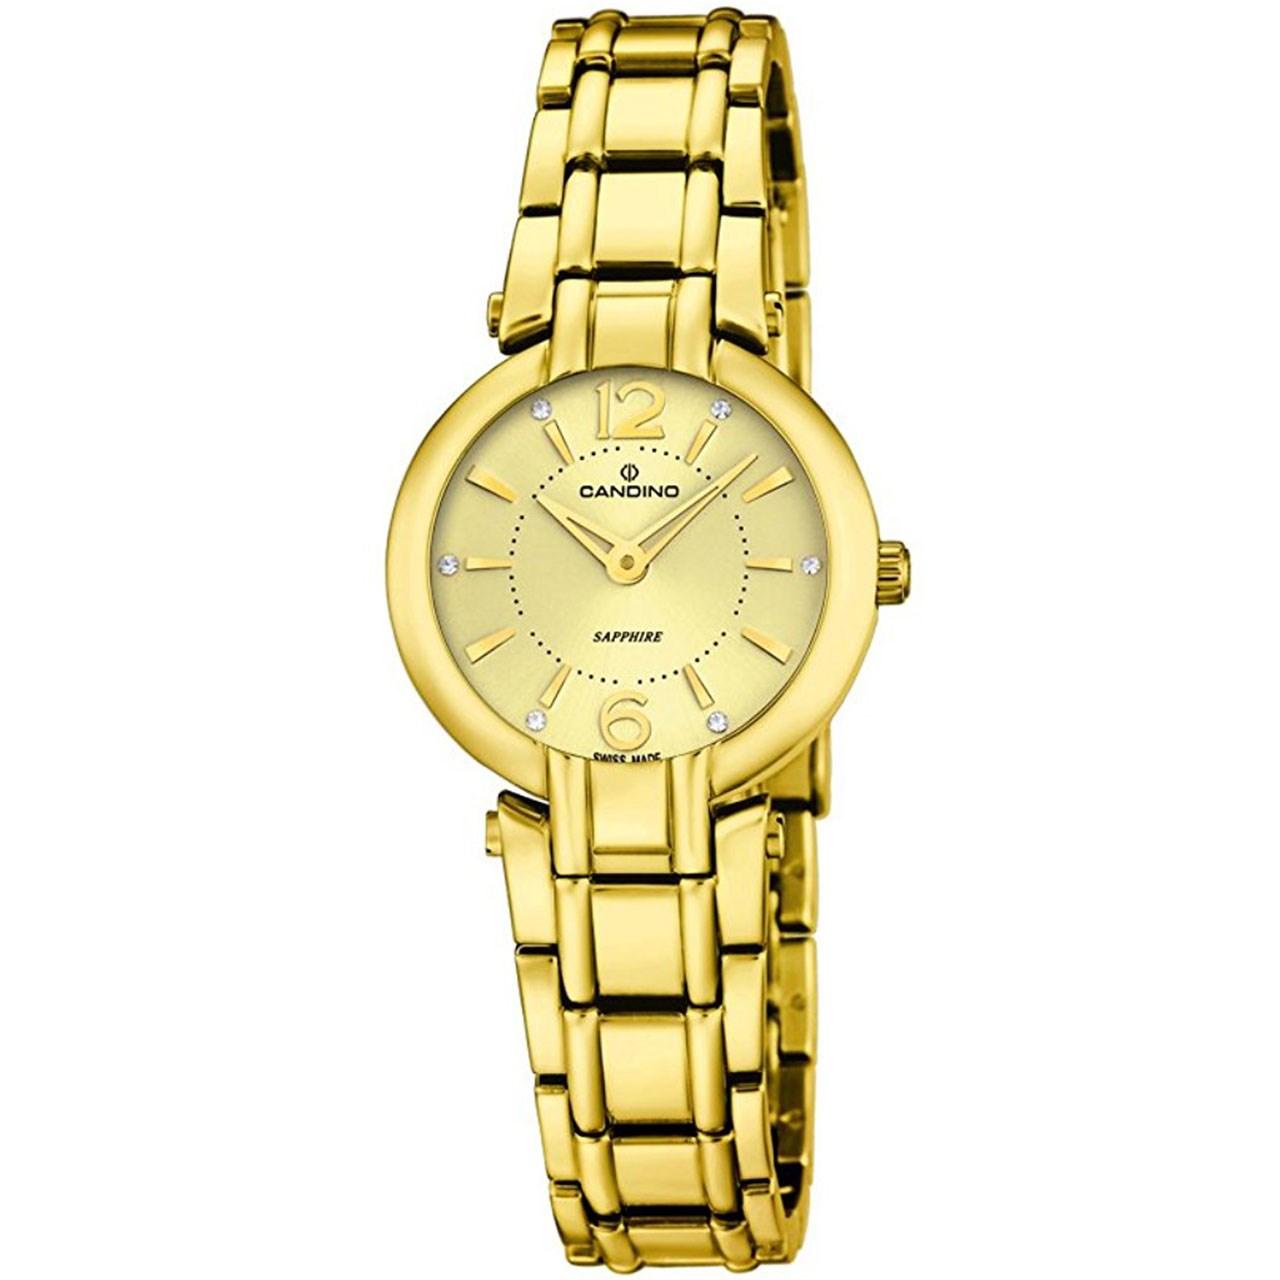 ساعت مچی عقربه ای زنانه کاندینو مدل 228342